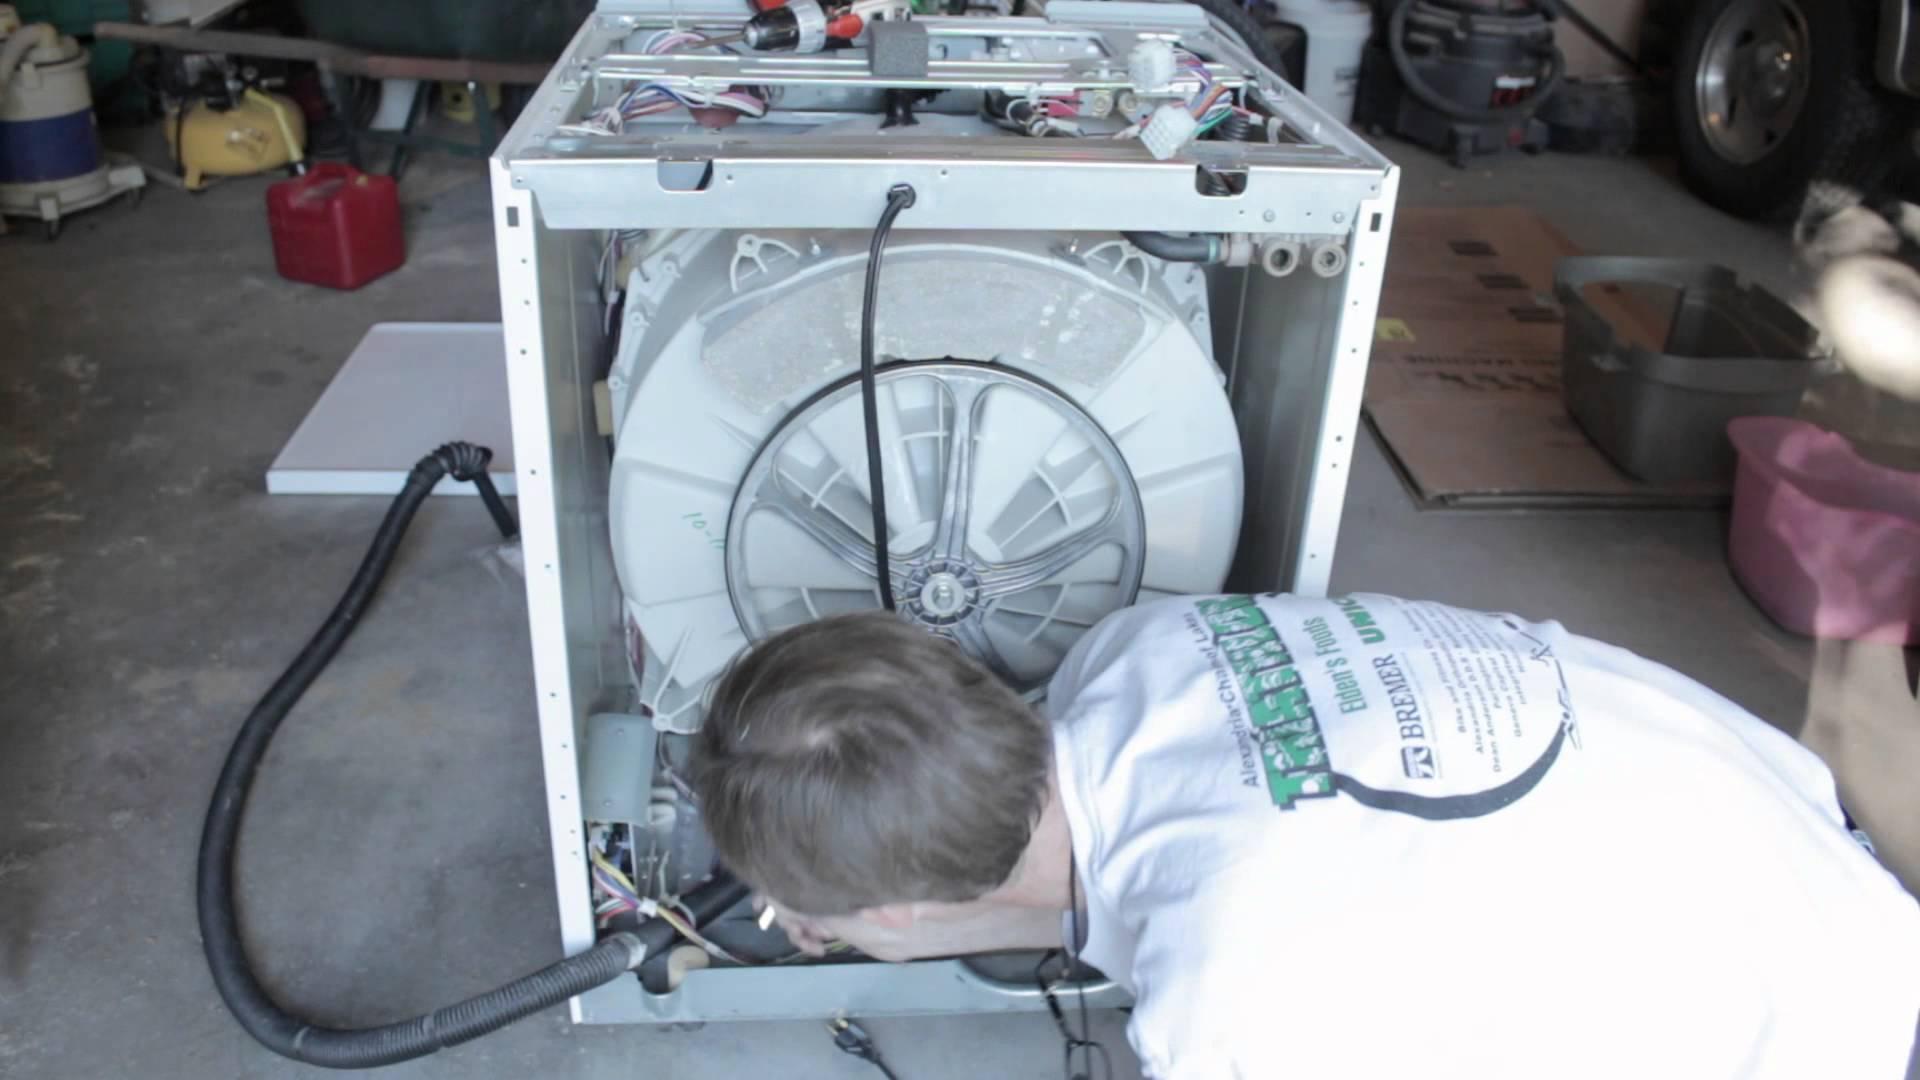 İndesit Çamaşır Makinesi Çok Ses Çıkartıyor